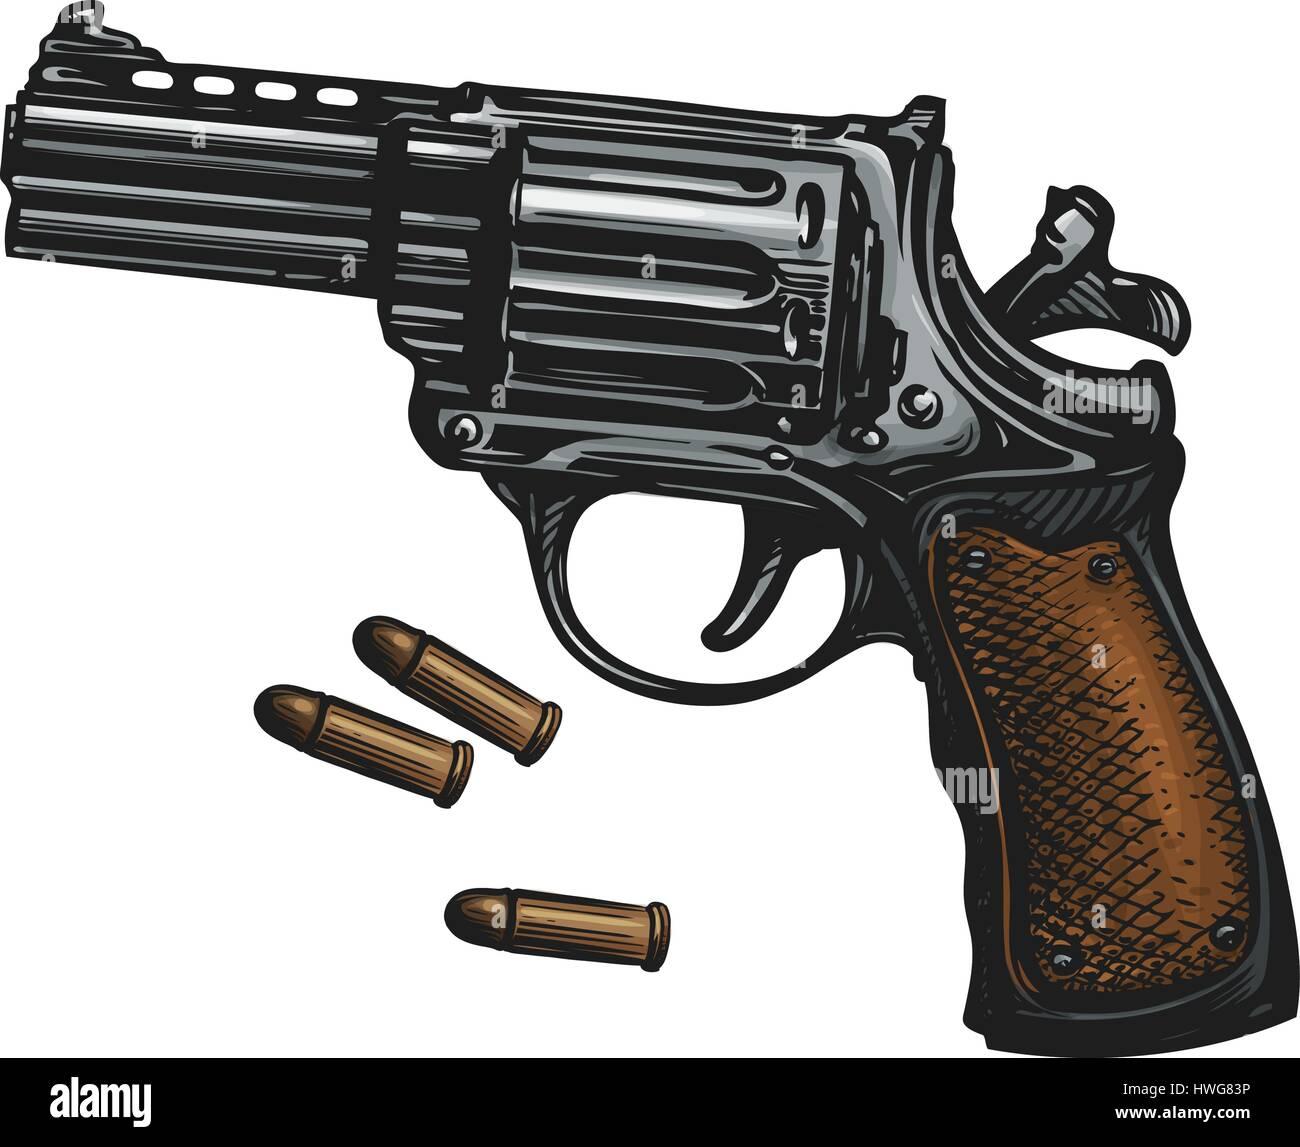 Pistol, revolver gun and ammo, sketch. Vintage vector illustration - Stock Vector